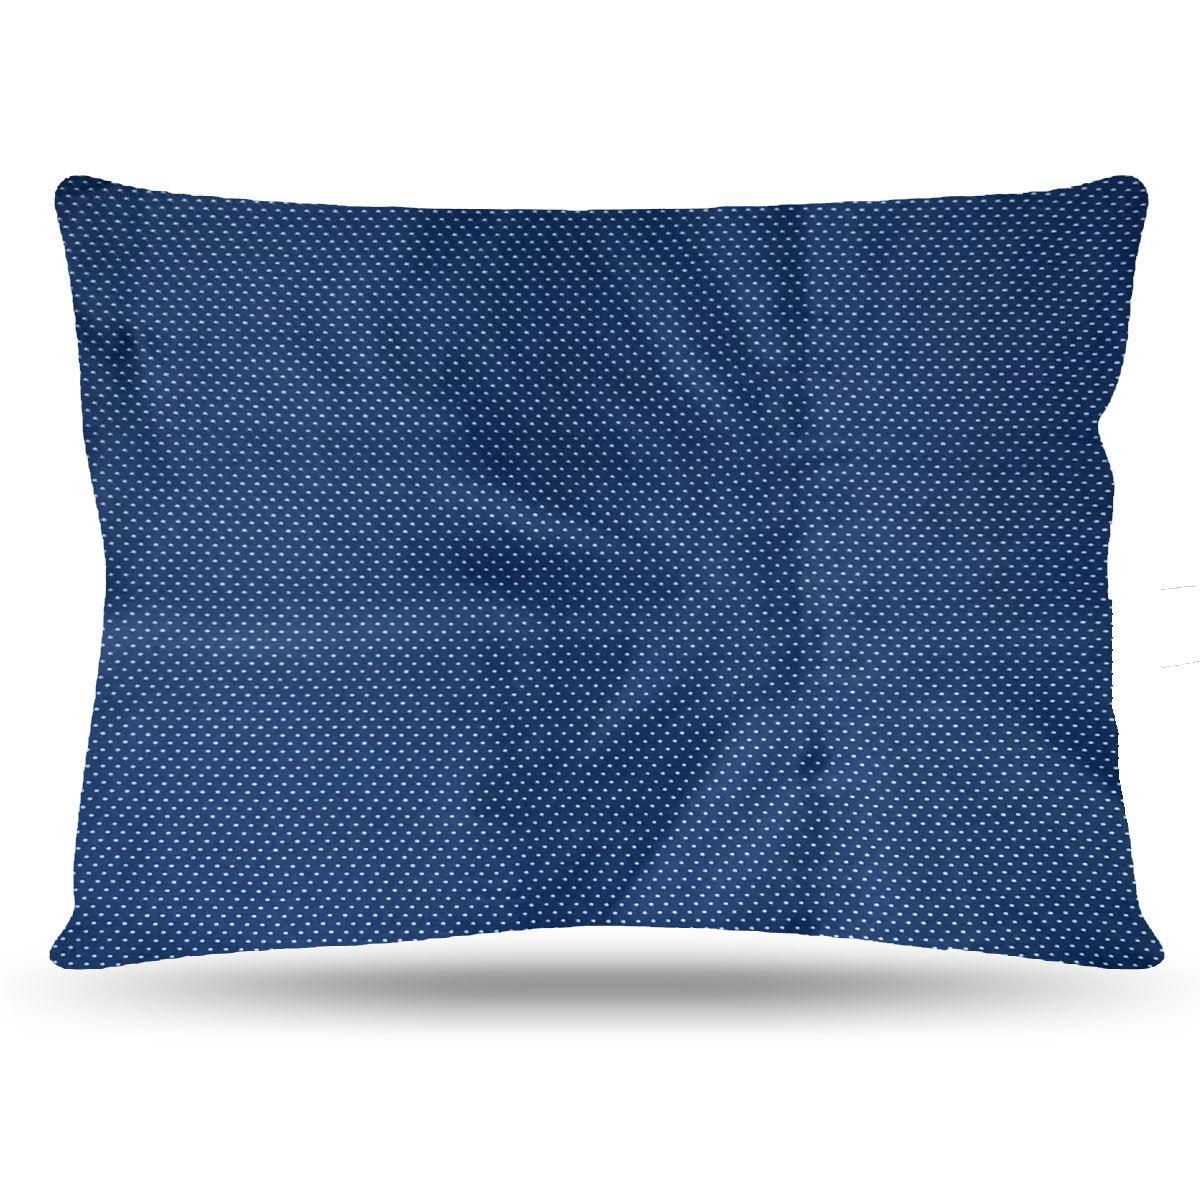 Fronha de Cetim - Azul com Bolinhas - Anti Frizz